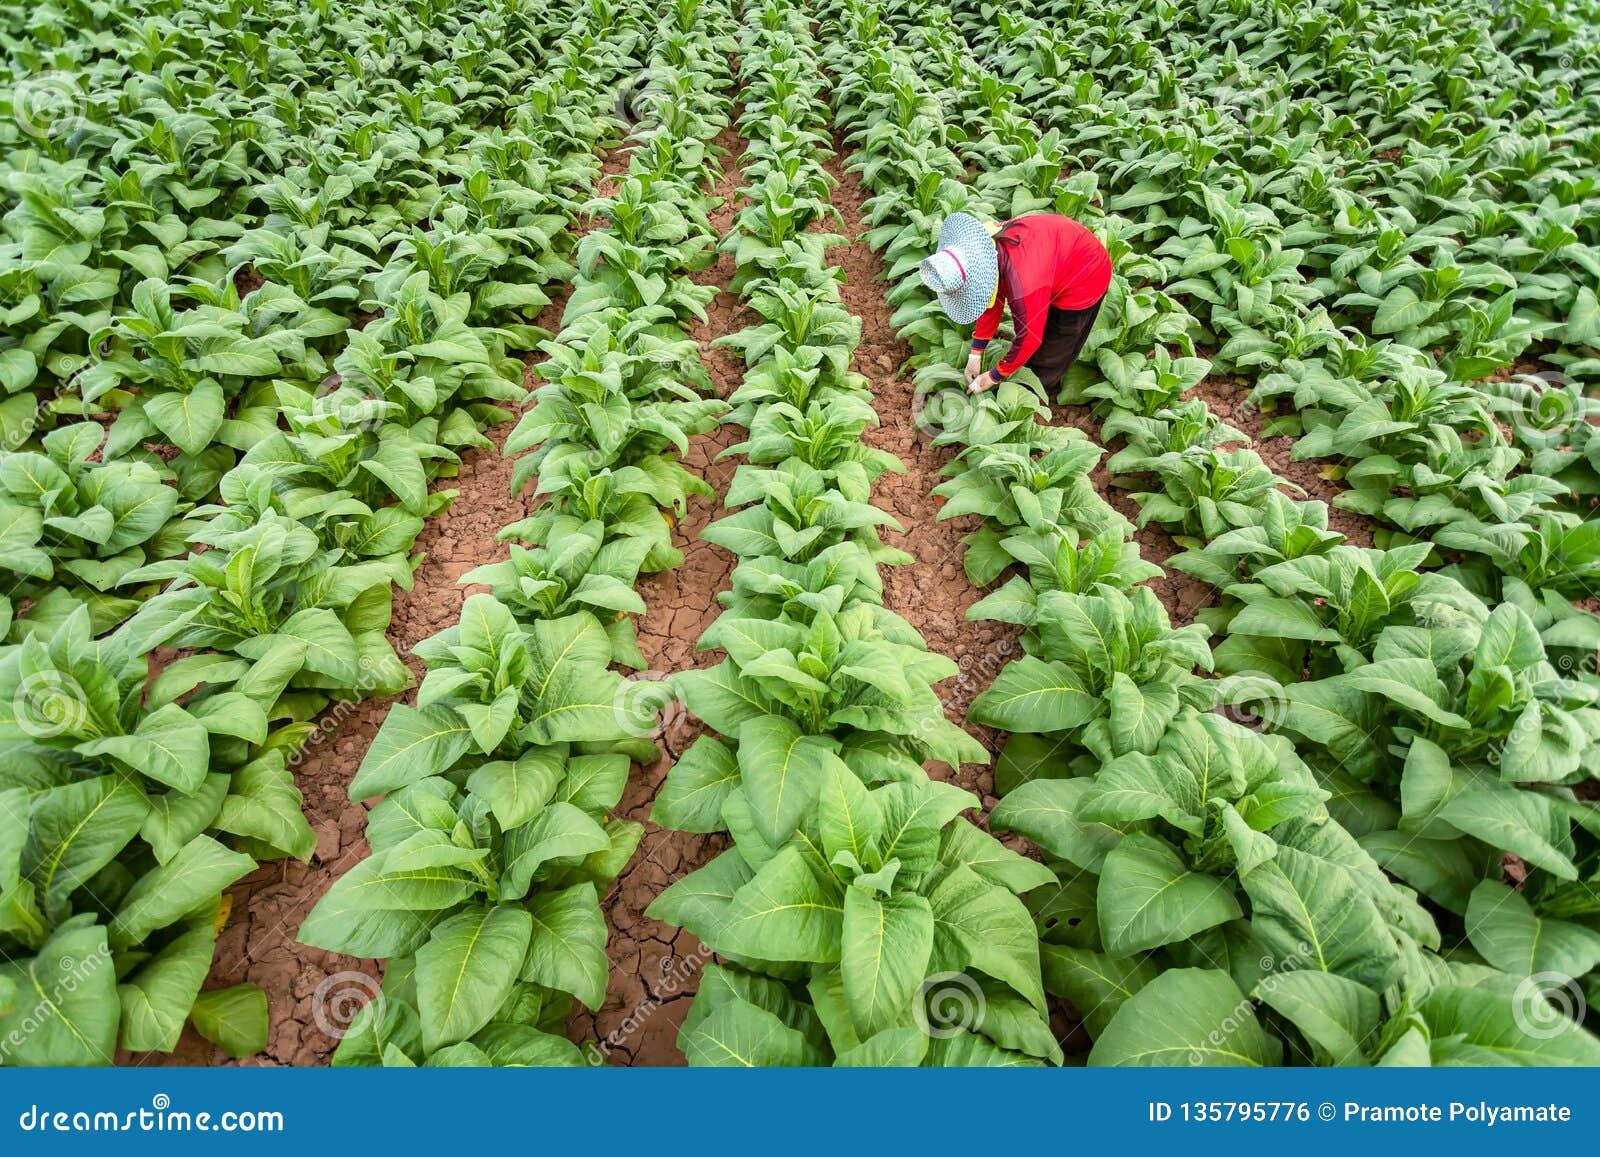 De Aziatische landbouwers kweekten tabak in het omgezette tabak groeien in het land, Thailand